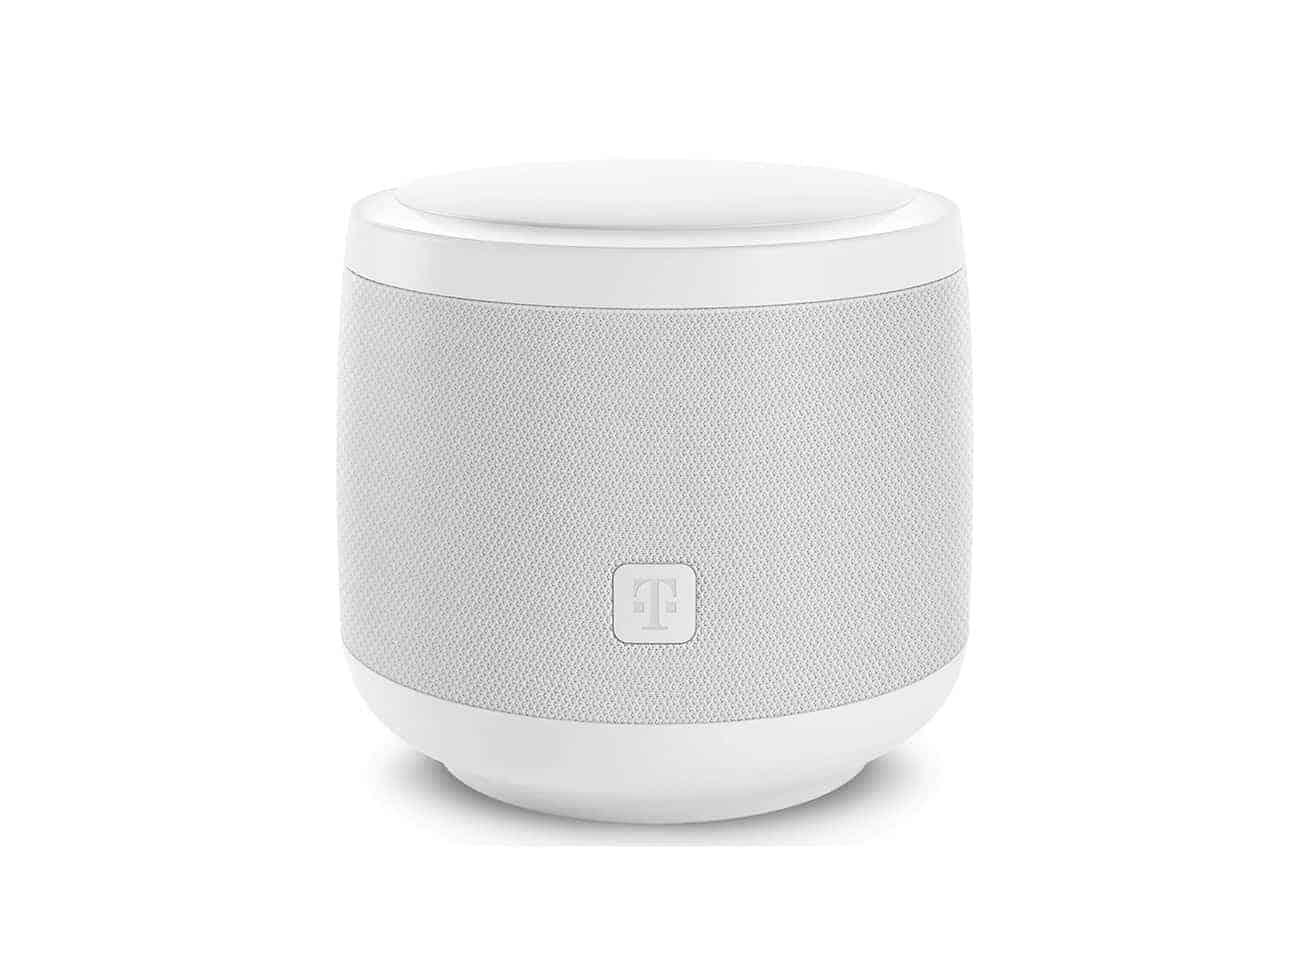 deutsche telekom smart speaker alexa 2